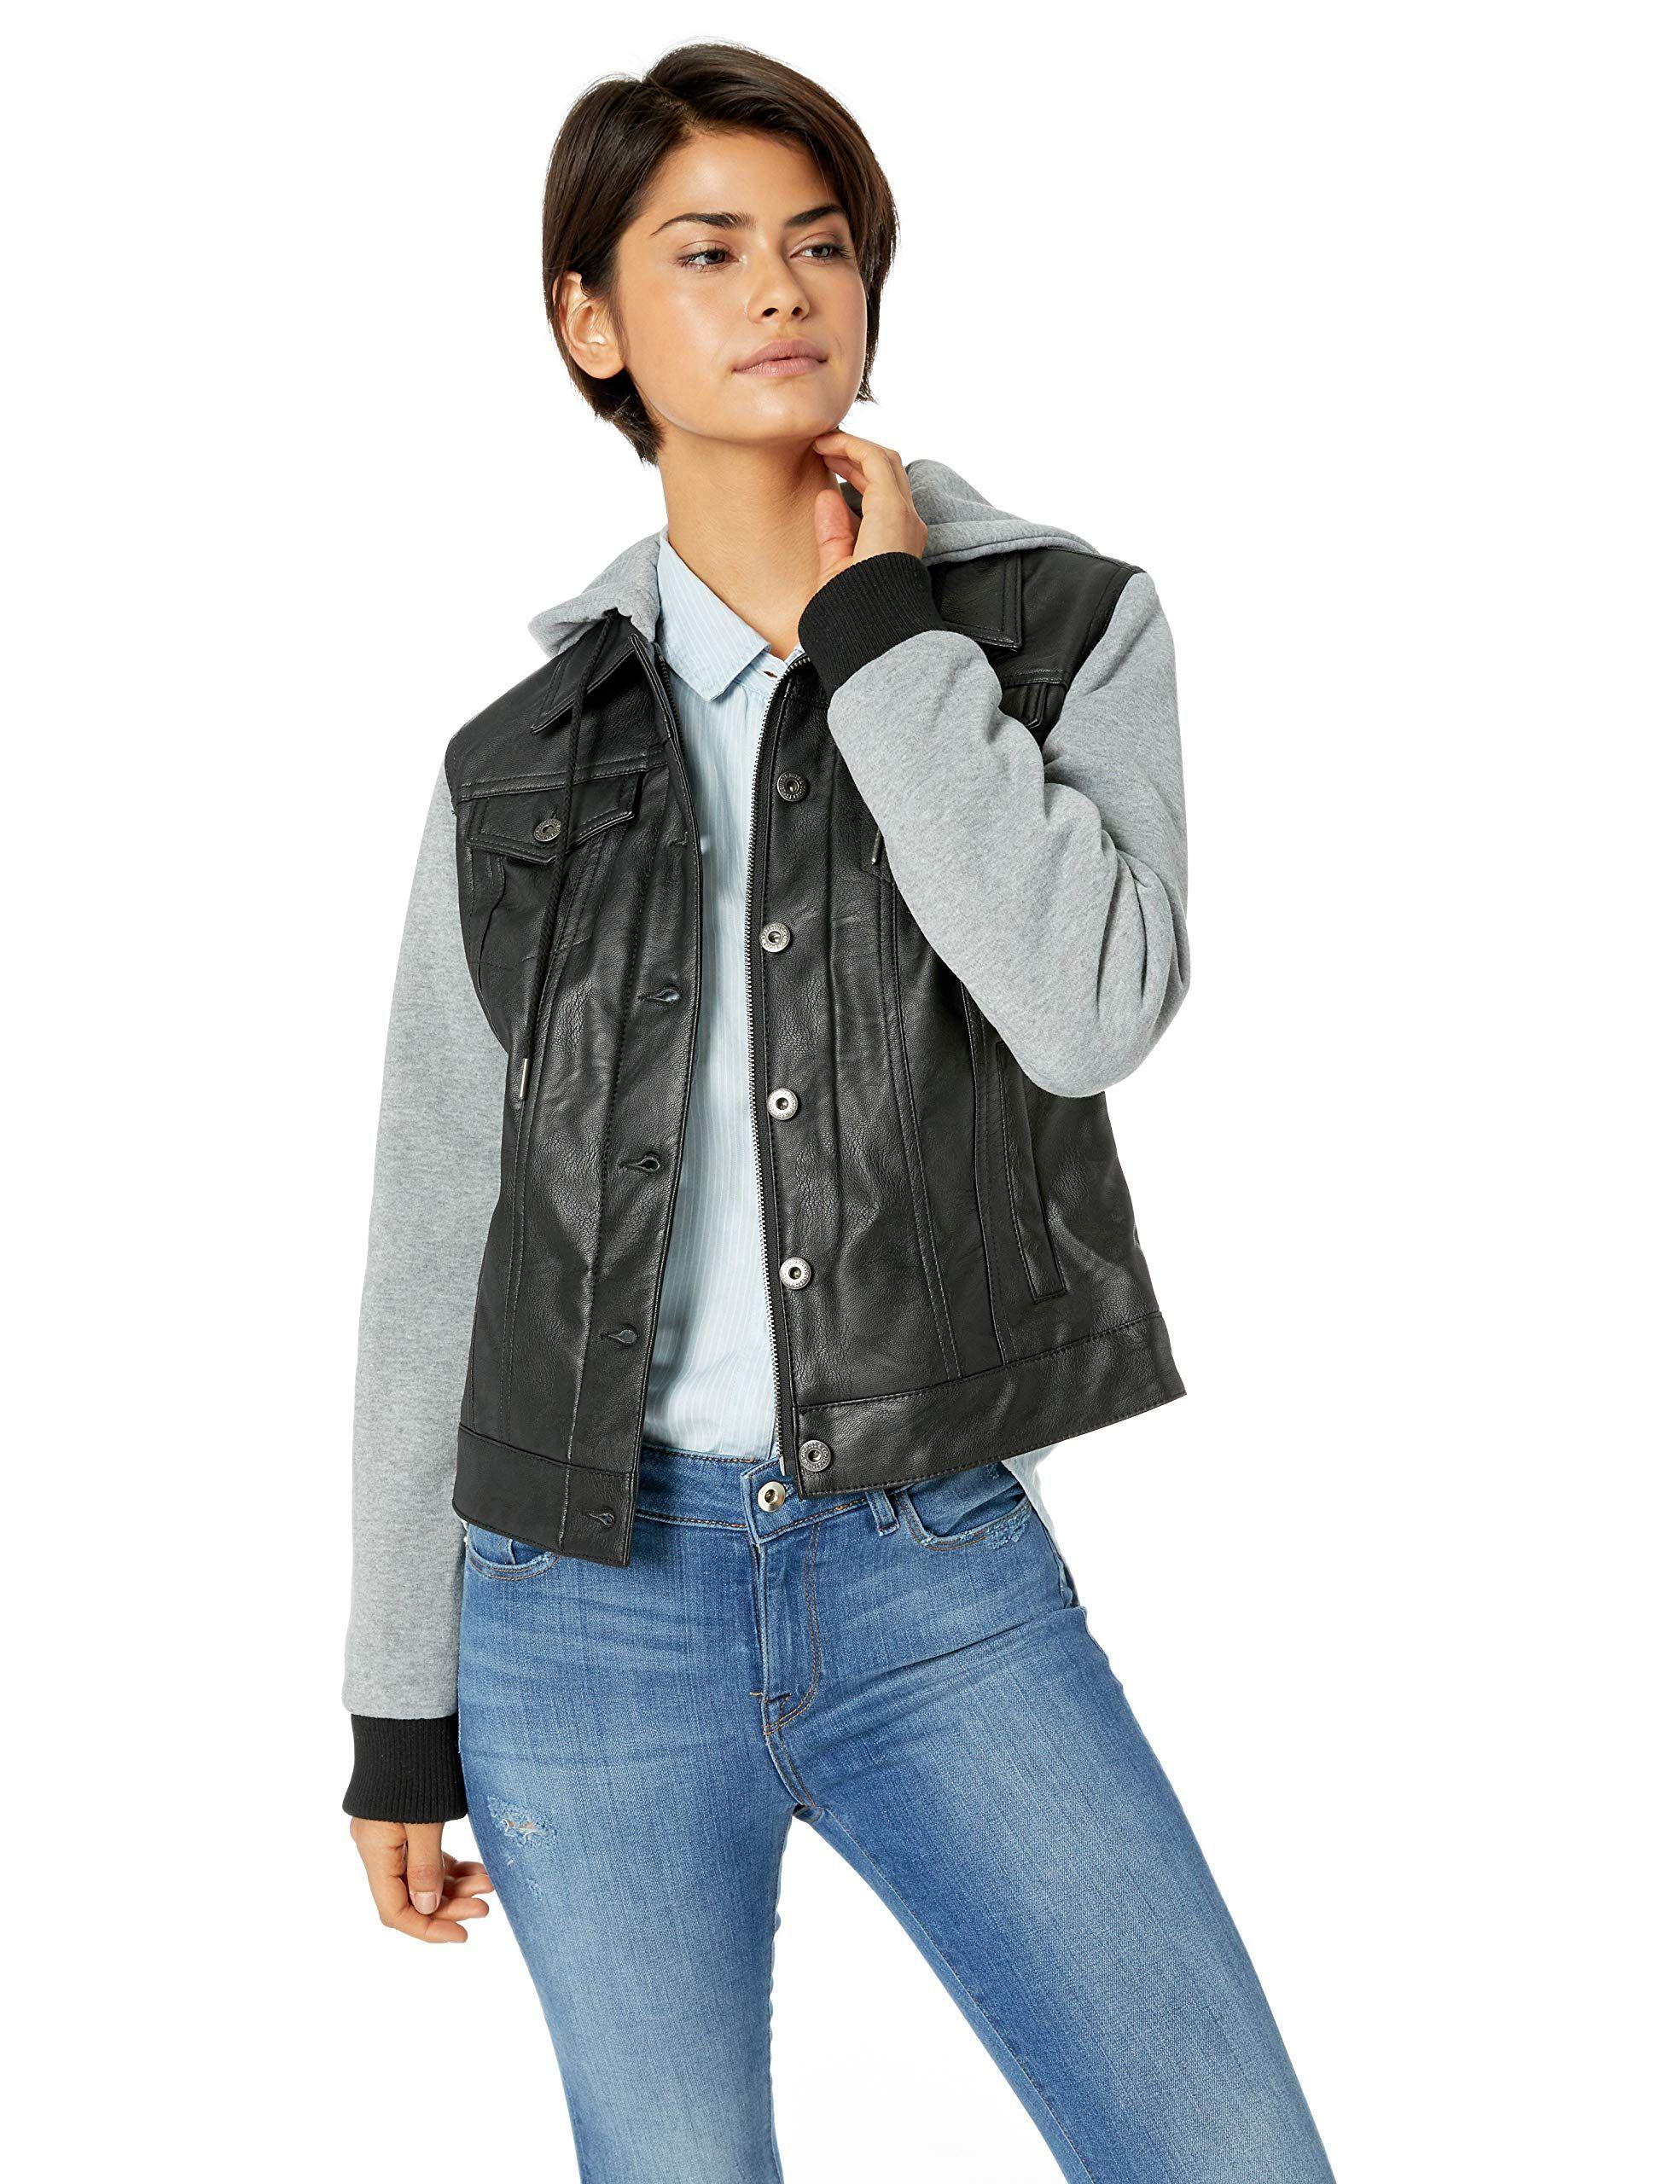 Levi's Women's PlusSize Original Trucker Jackets Fringe